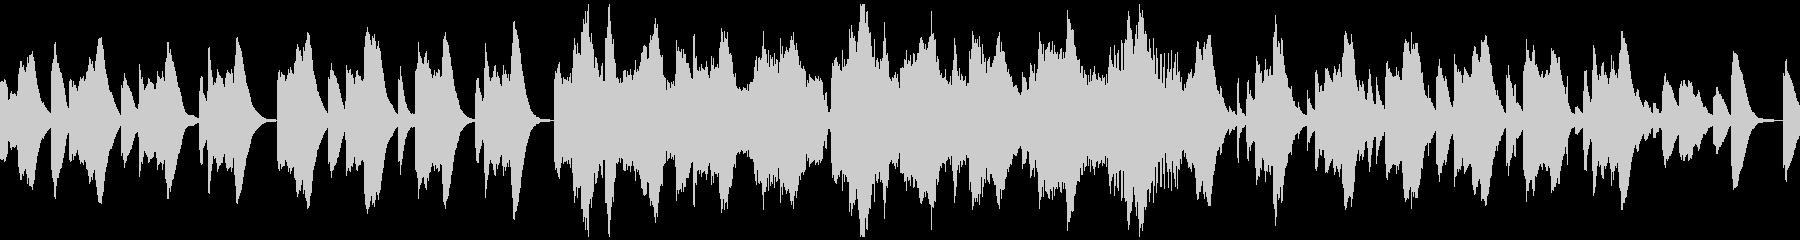 鉄琴ベースの懐かしい雰囲気ループBGMの未再生の波形